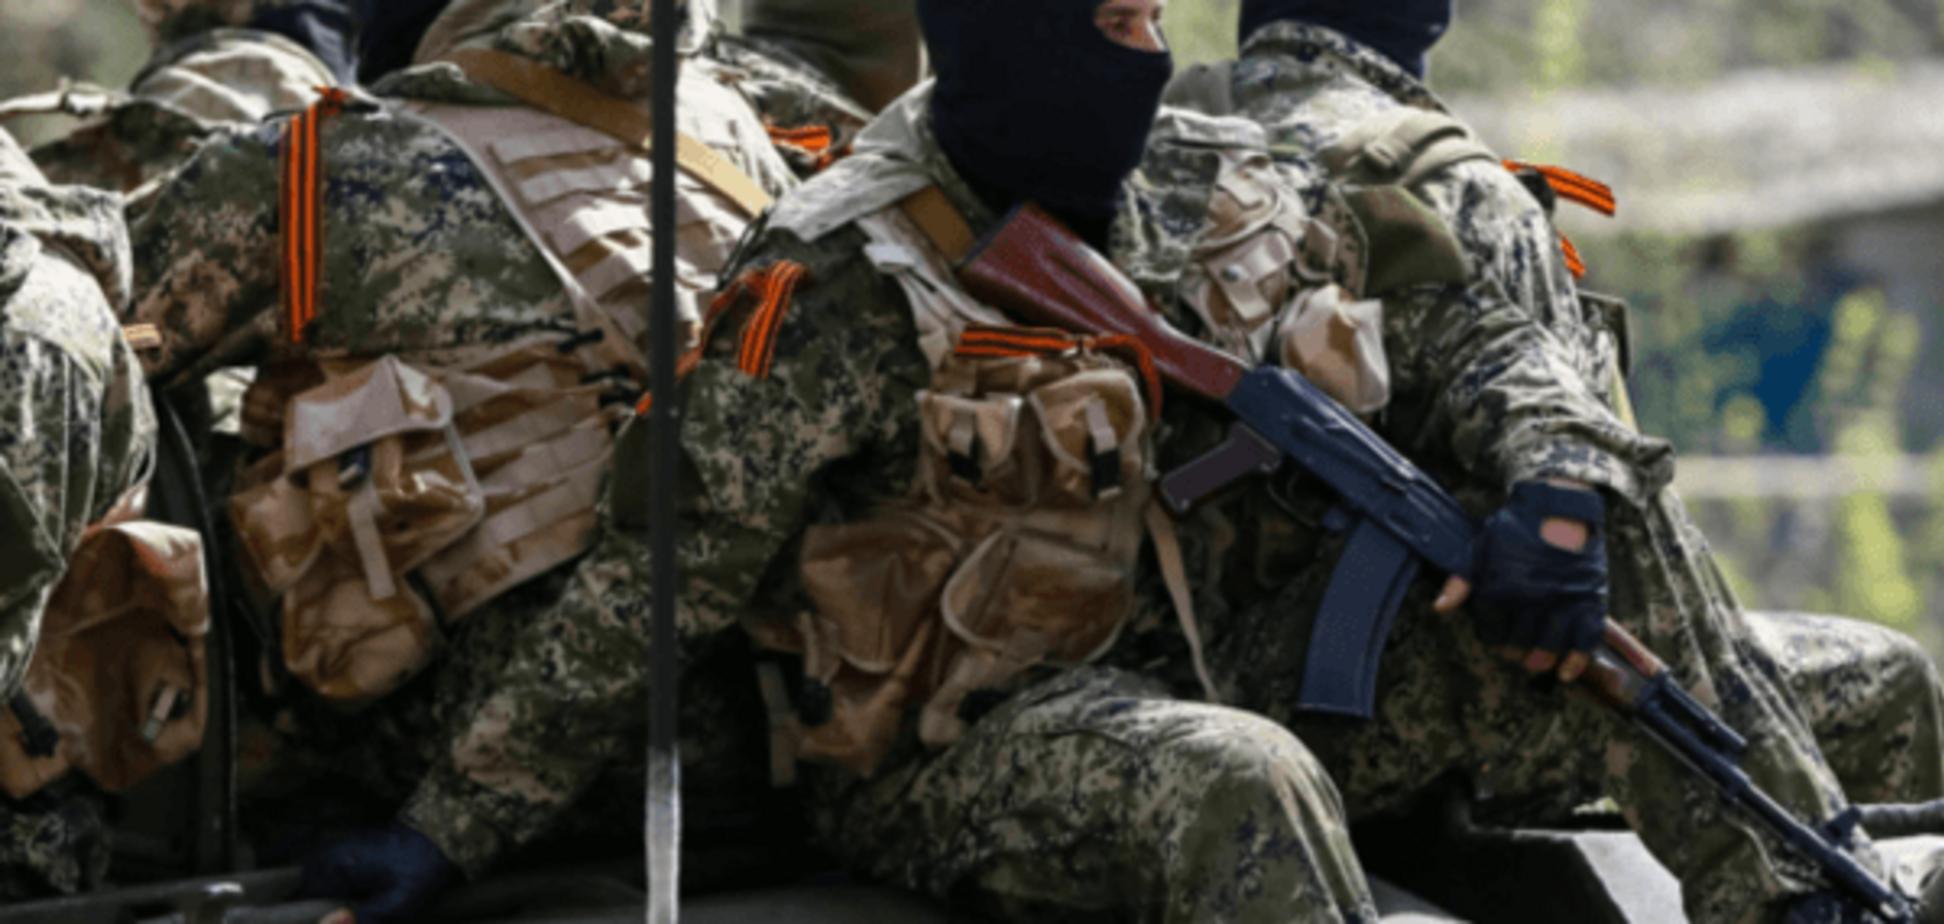 Шок и отчаяние: опубликованы переговоры террористов после ликвидации диверсантов 'Росича'